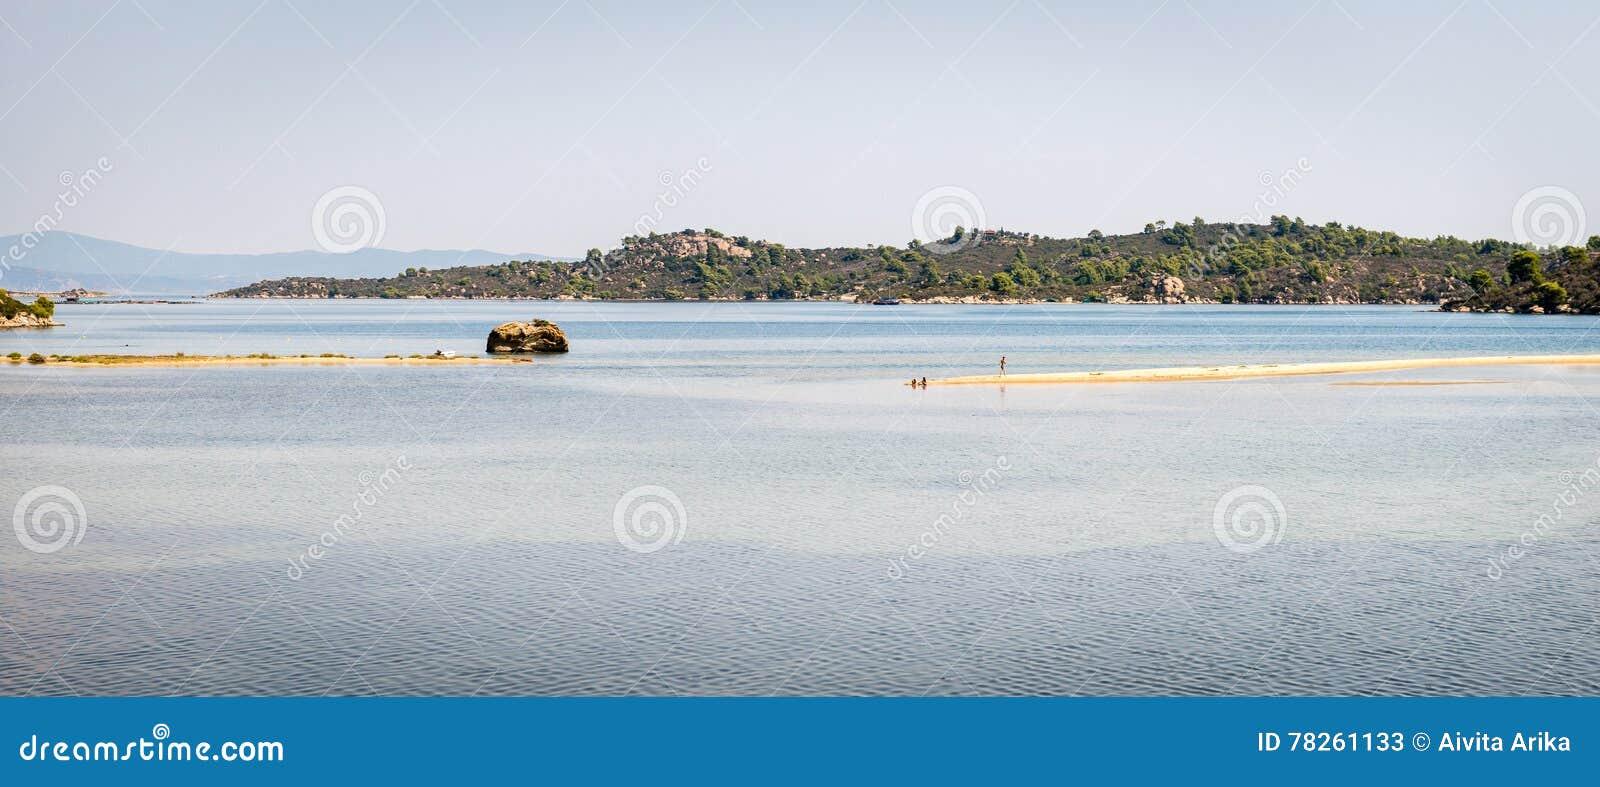 Κάνοντας ηλιοθεραπεία στην παραλία σε Halkidiki, Ελλάδα